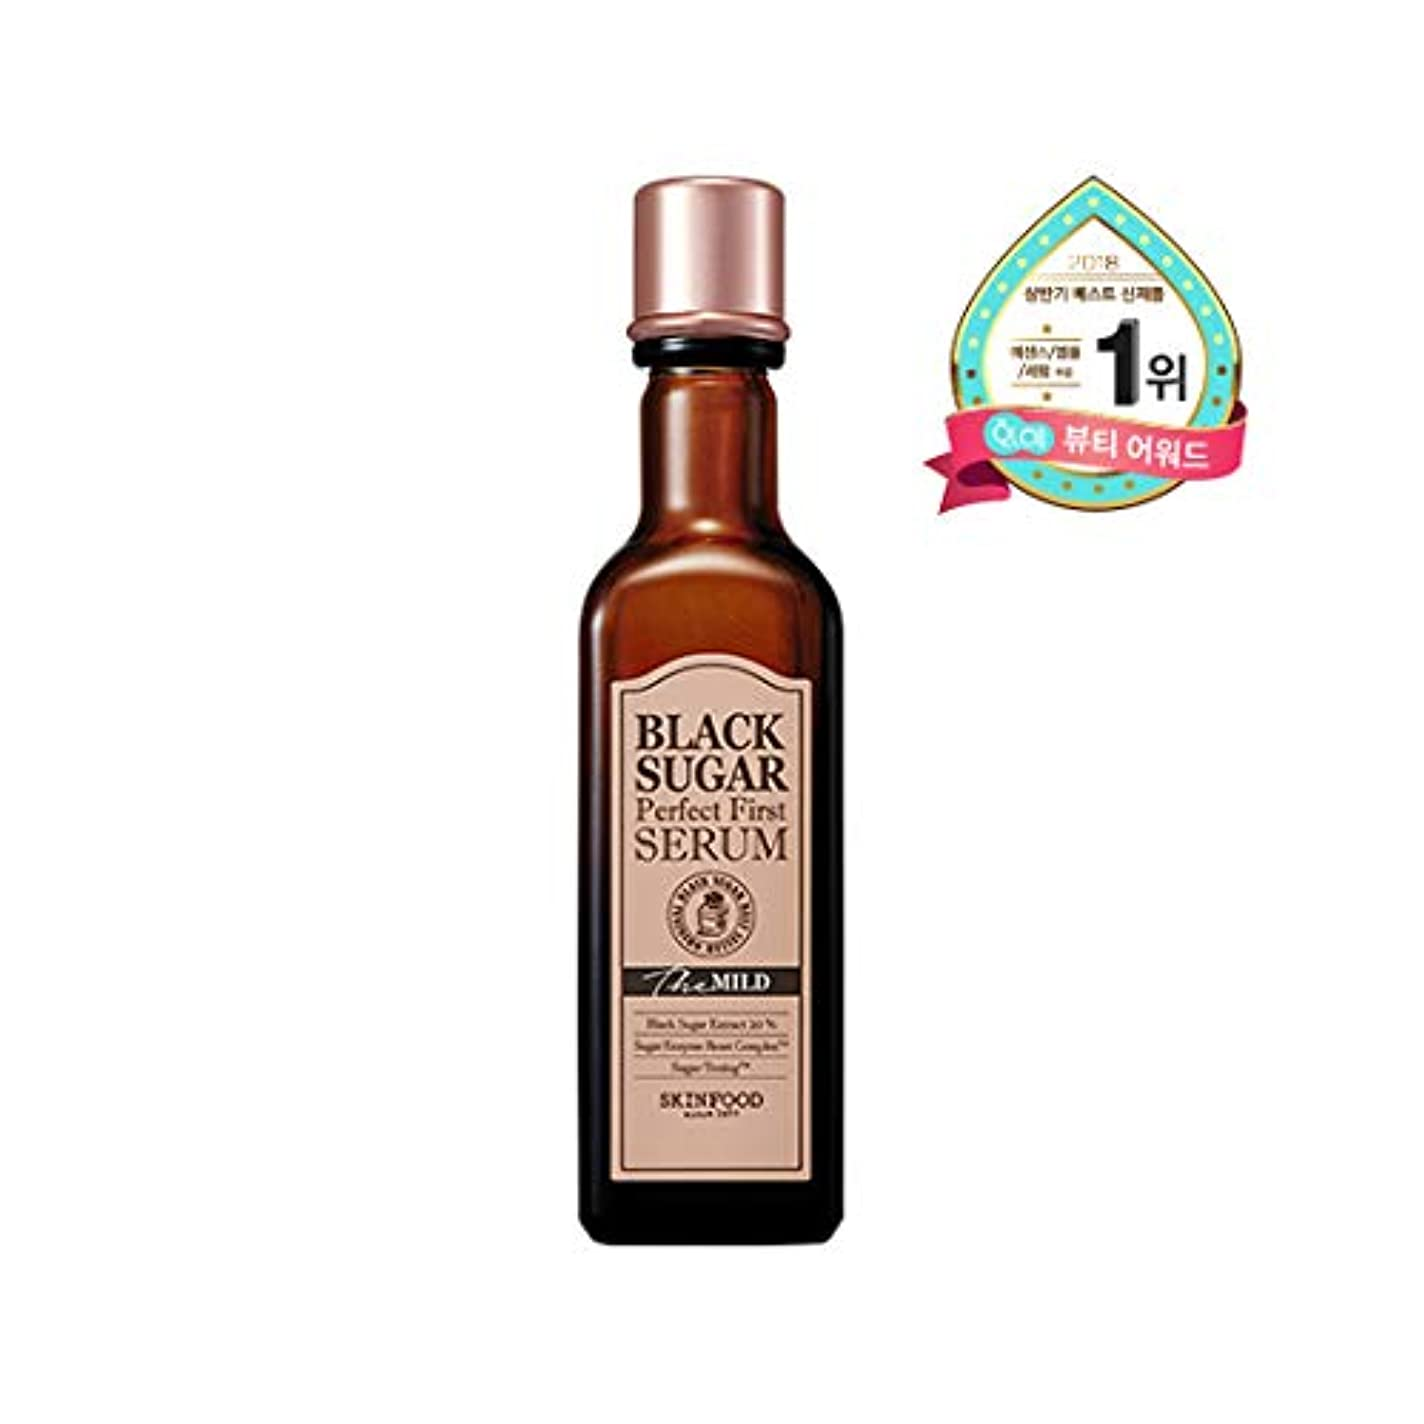 神経問い合わせる鳴らすSkinfood black sugar perfect first serum the mild/黒糖完璧な最初の血清マイルド/120ml + 60ea [並行輸入品]